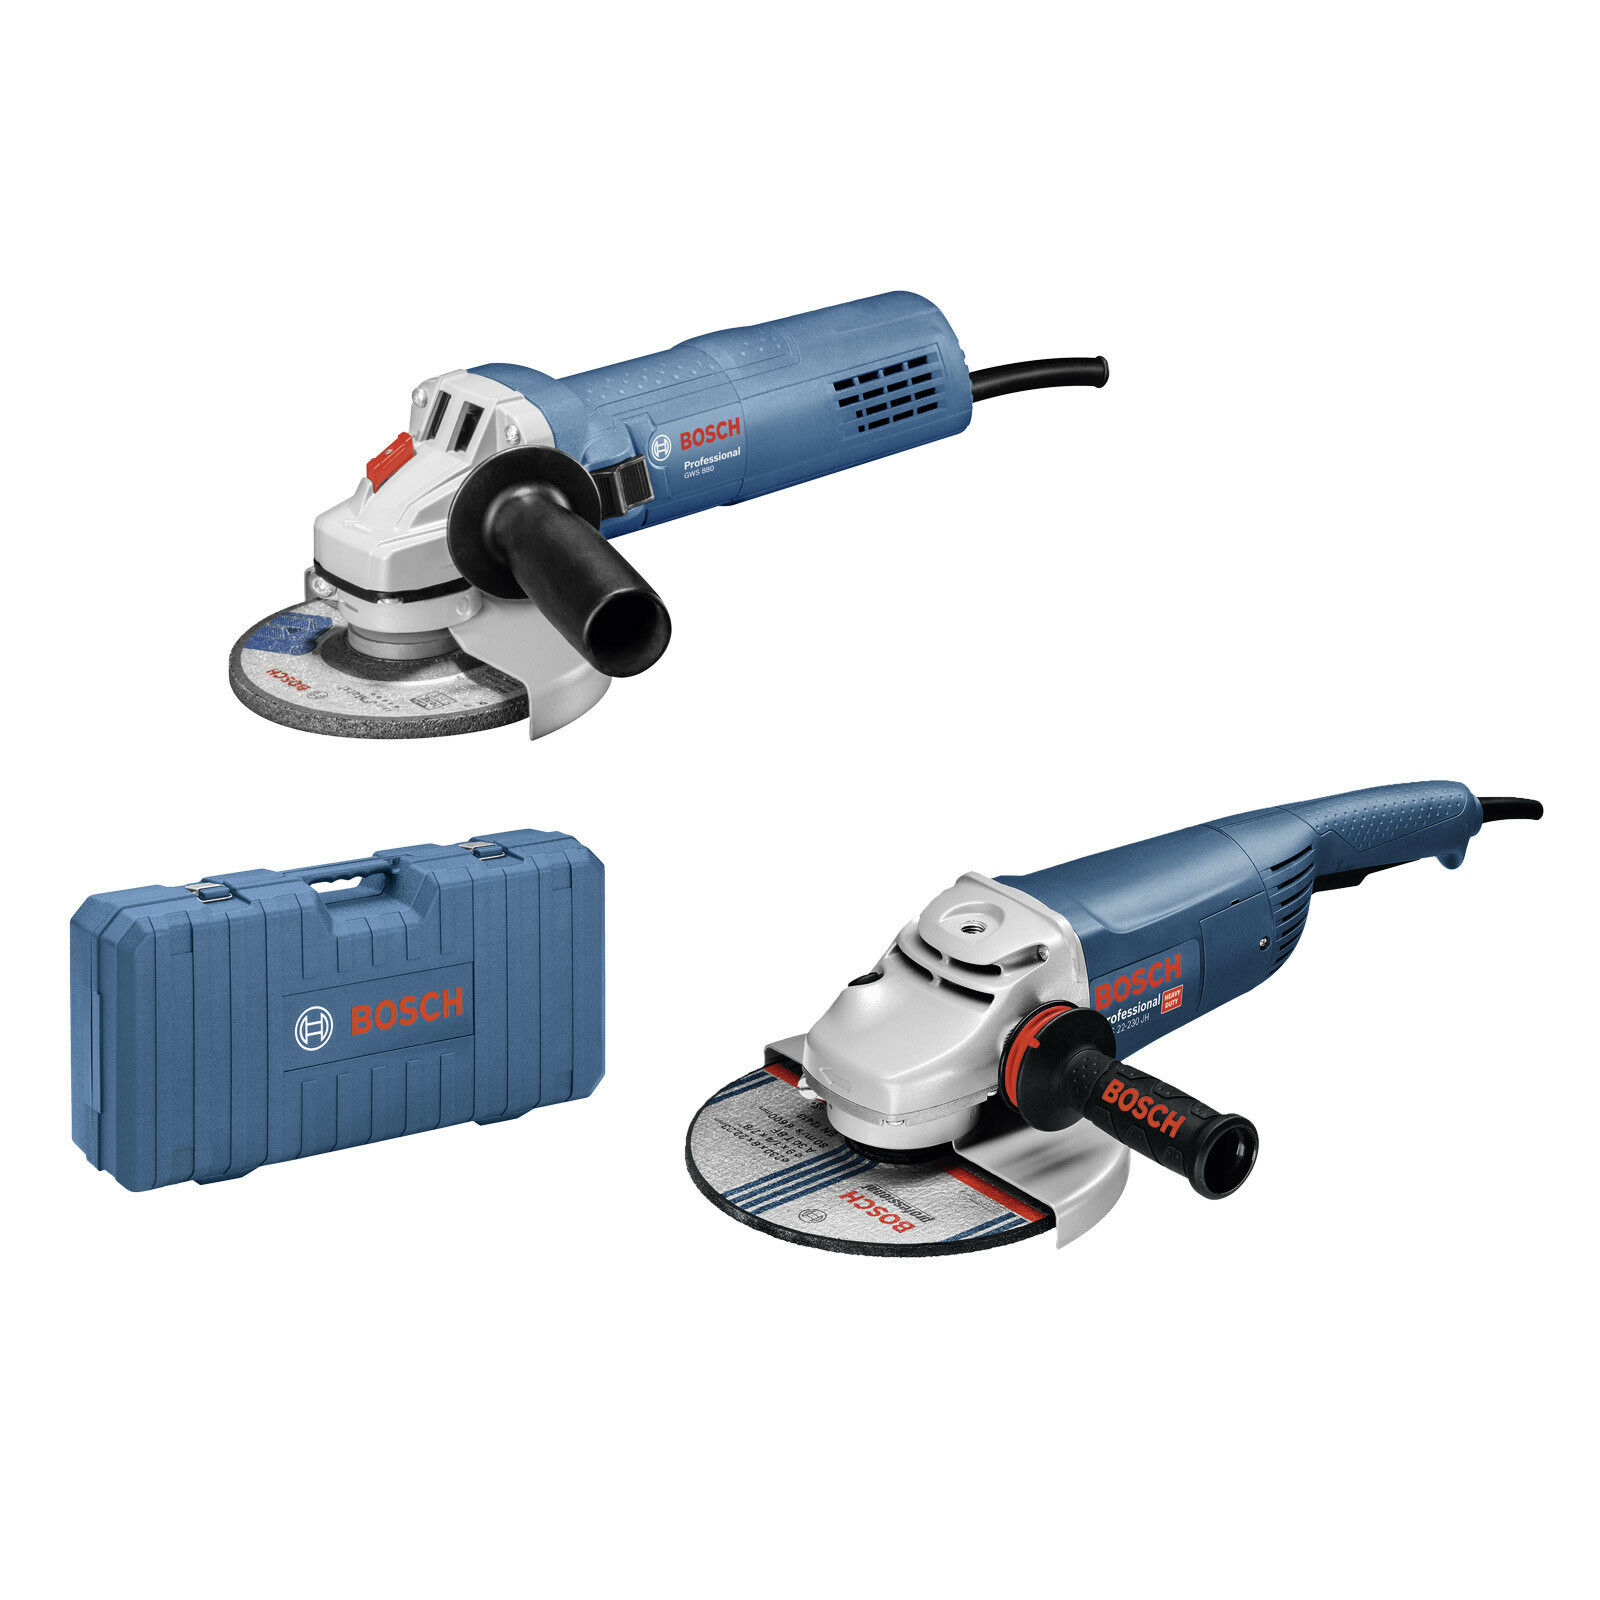 Bosch GWS 22-230 JH + GWS 880 Winkelschleifer Set 125 + 230 mm 880 + 2200 Watt